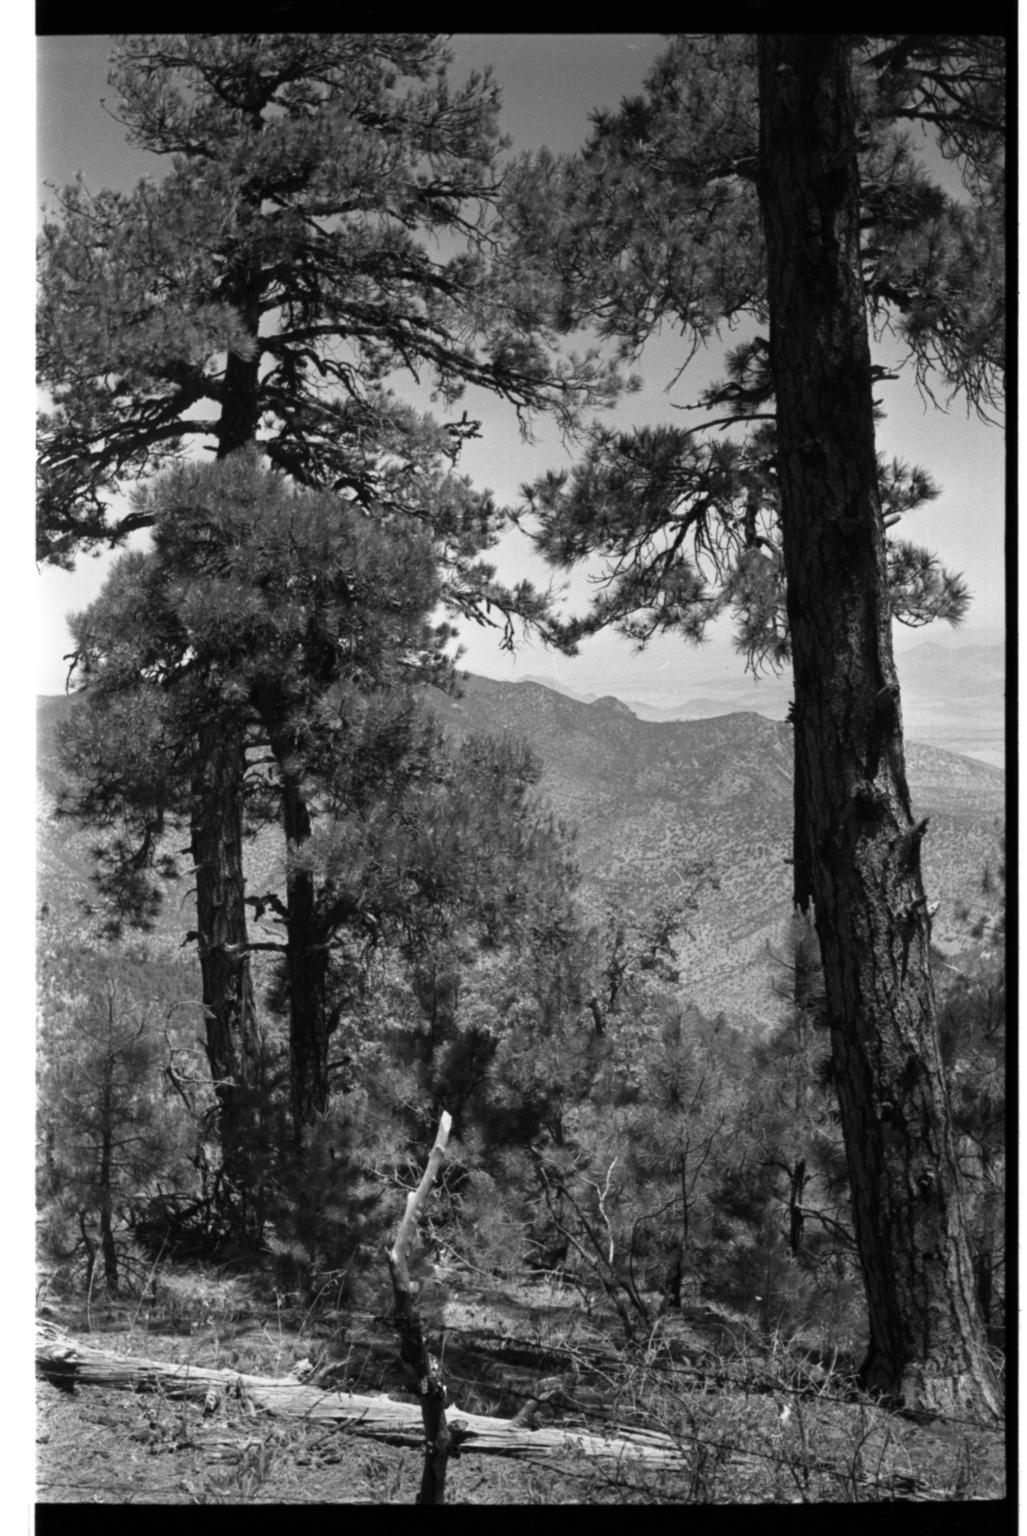 Huachuca Mountains, Arizona